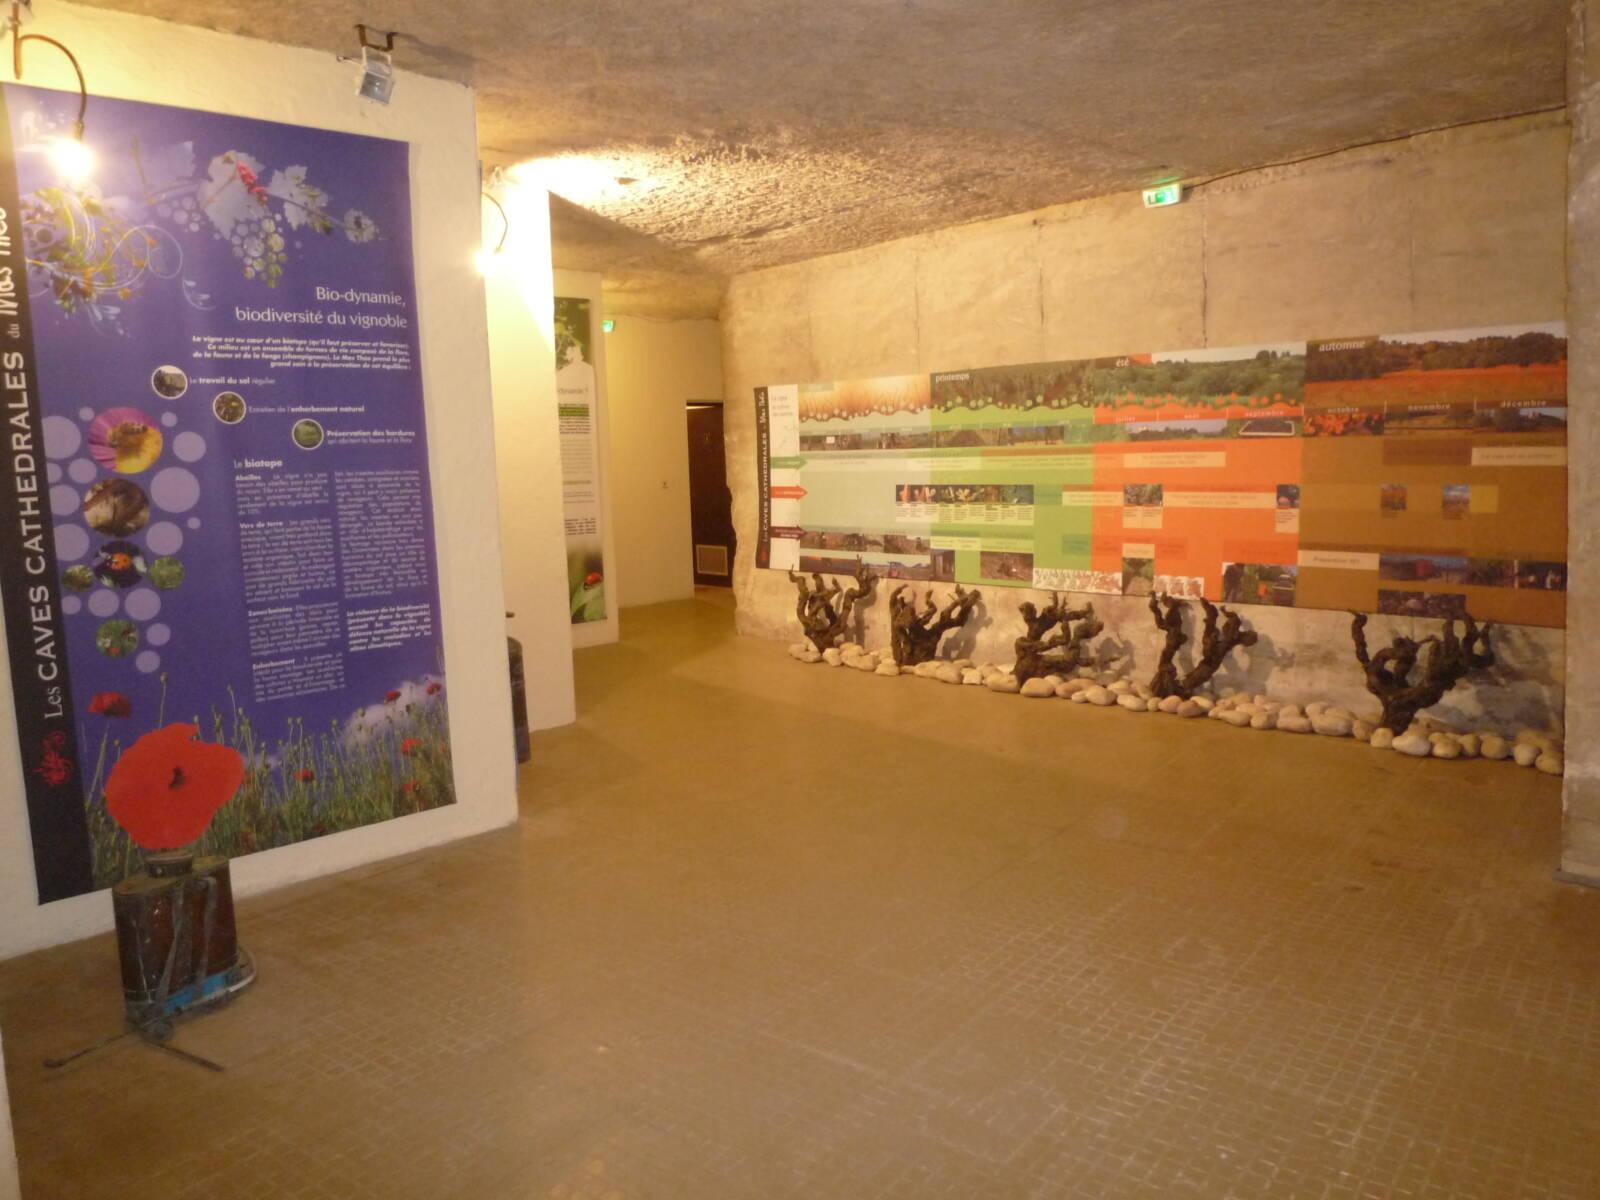 Panneaux du parcours dans les caves cathédrales